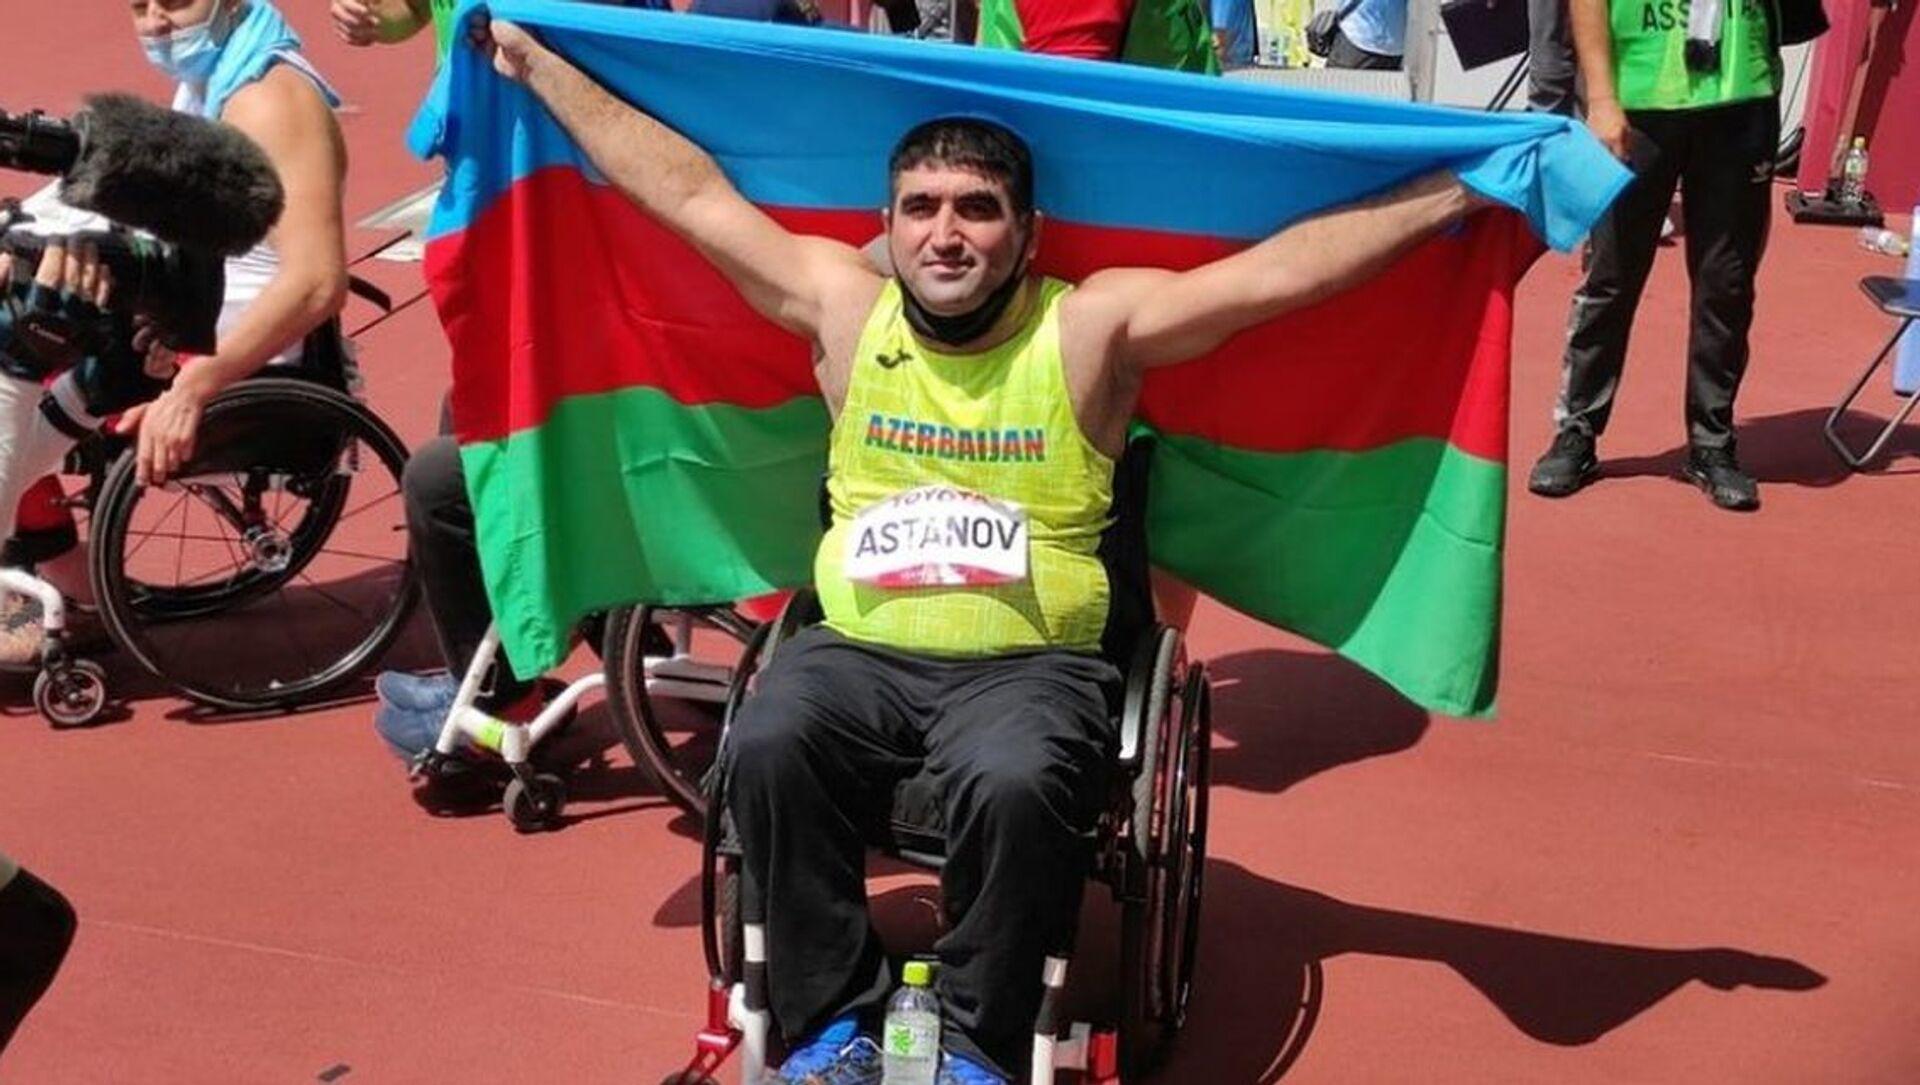 Азербайджанский паралимпиец по толканию ядра Эльвин Астанов - Sputnik Azərbaycan, 1920, 29.08.2021